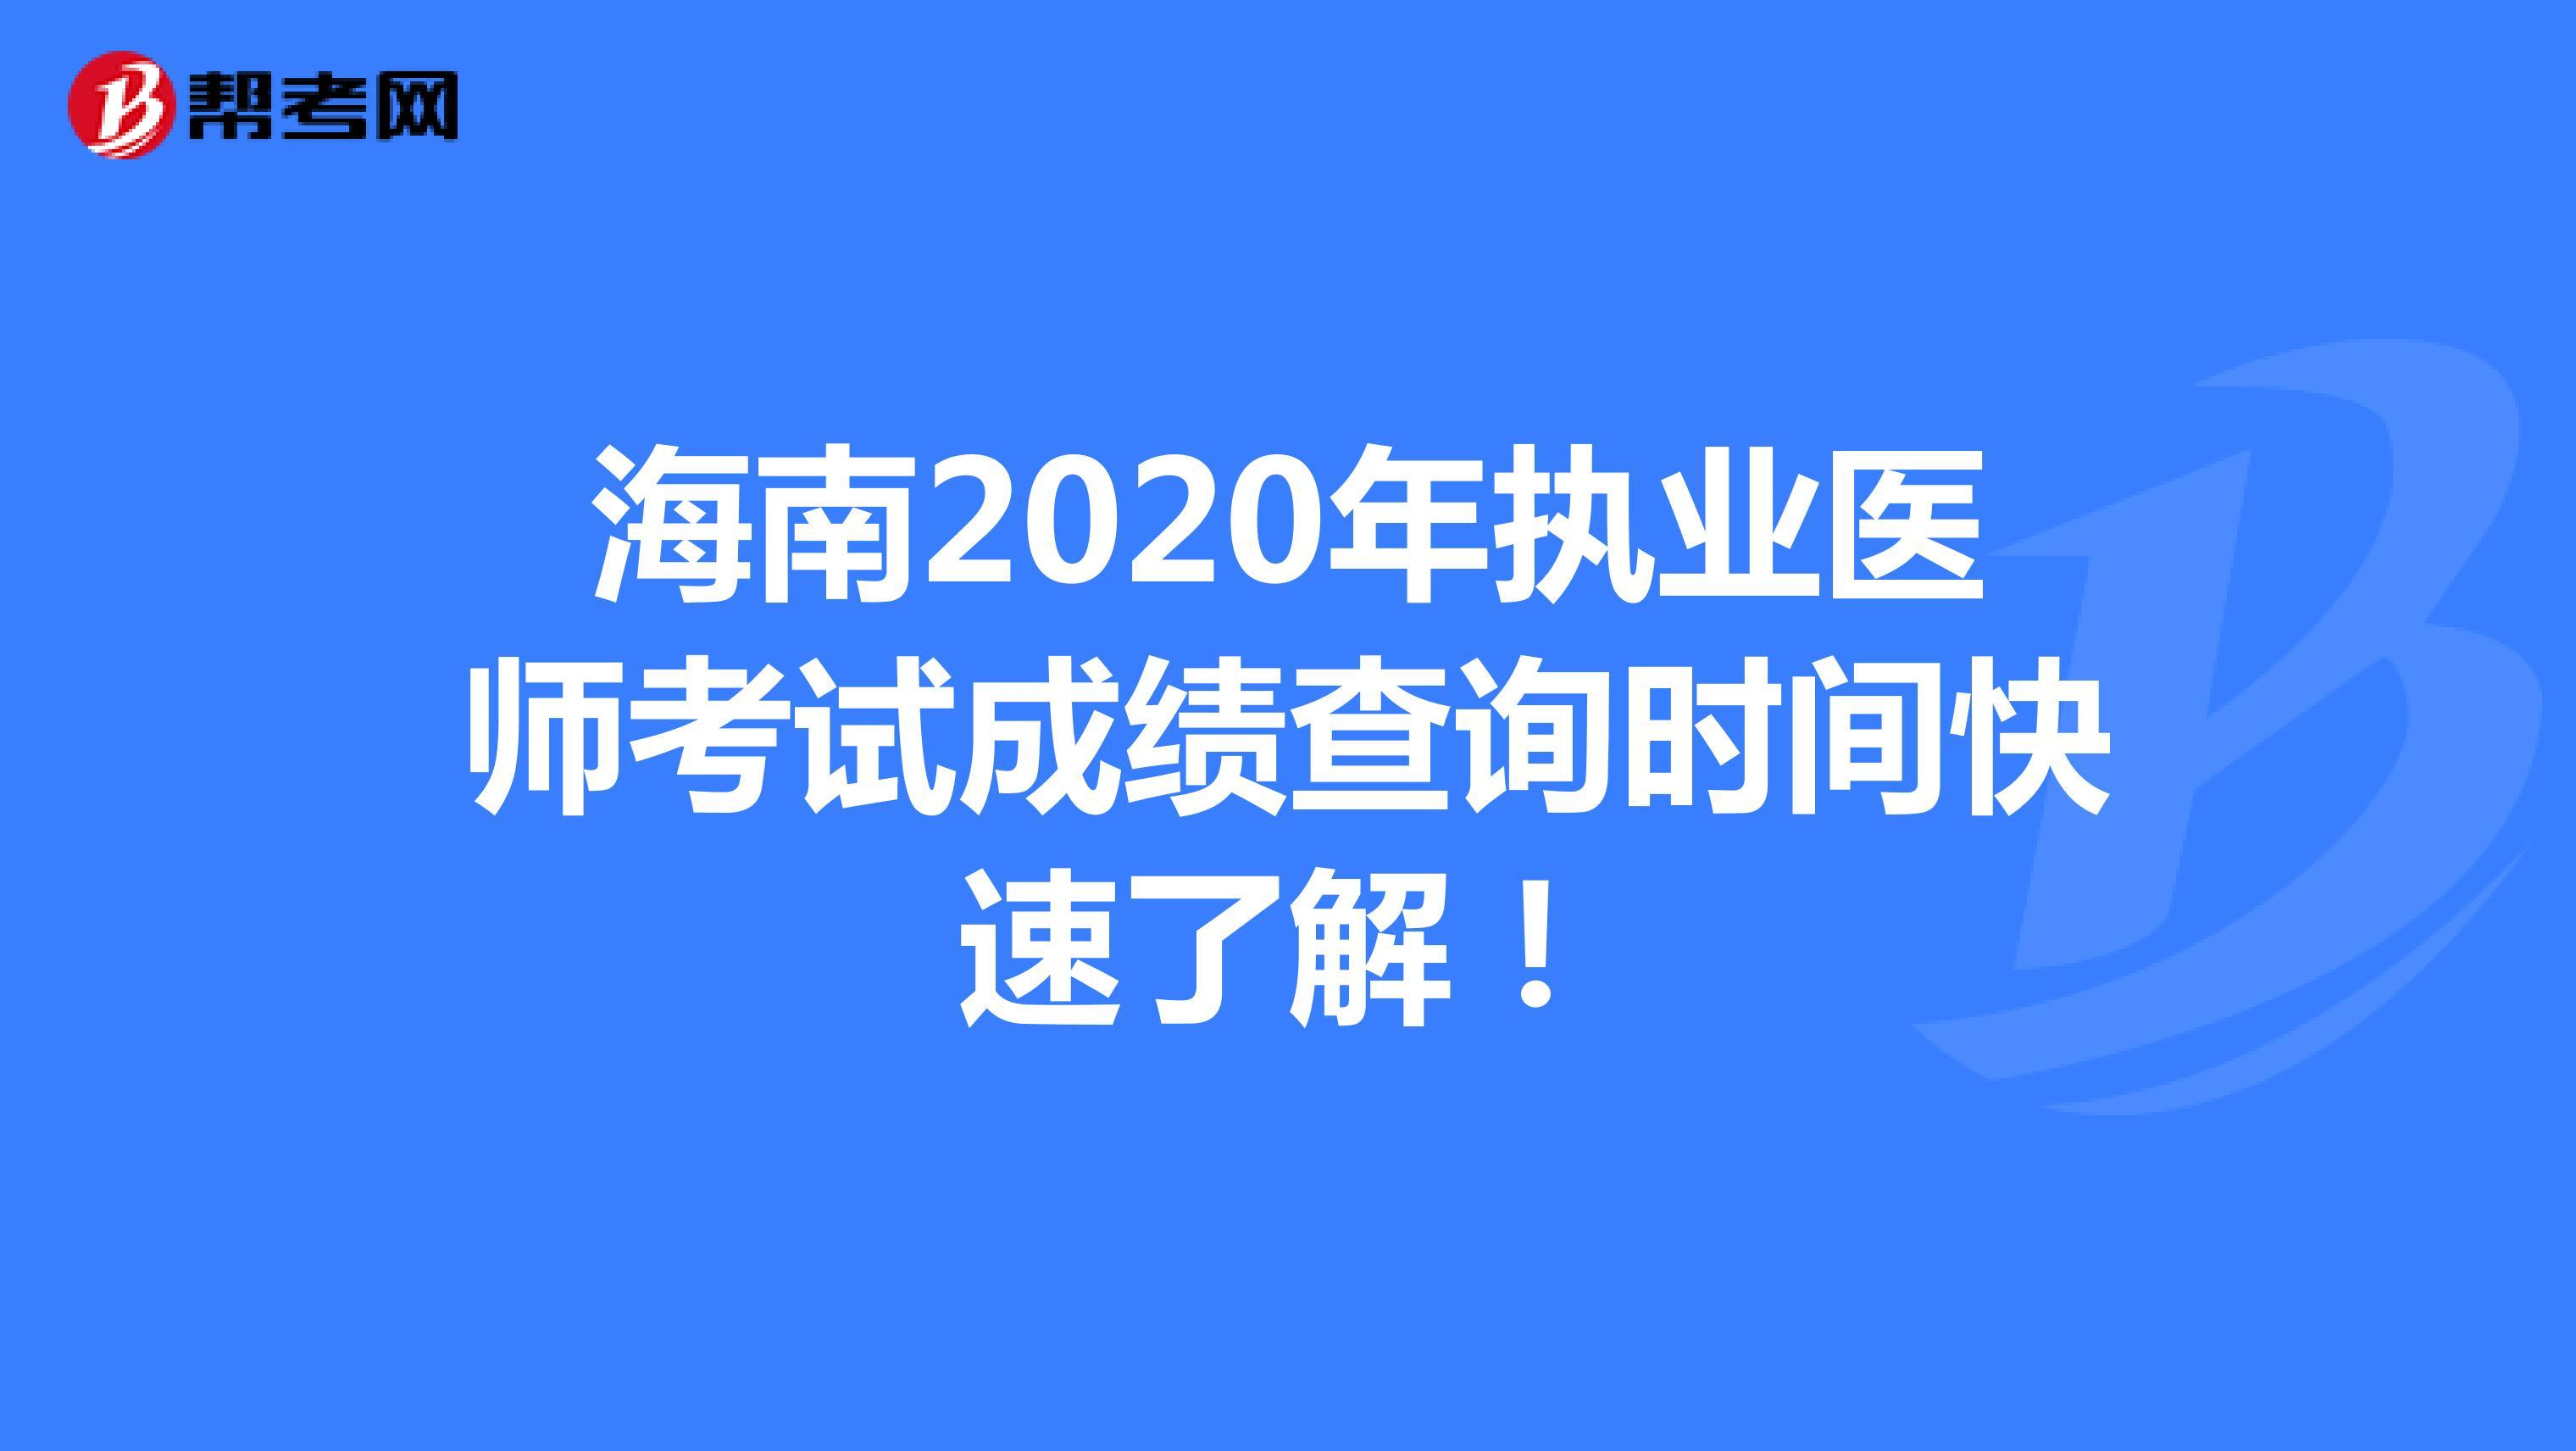 海南2020年执业医师考试成绩查询时间快速了解!